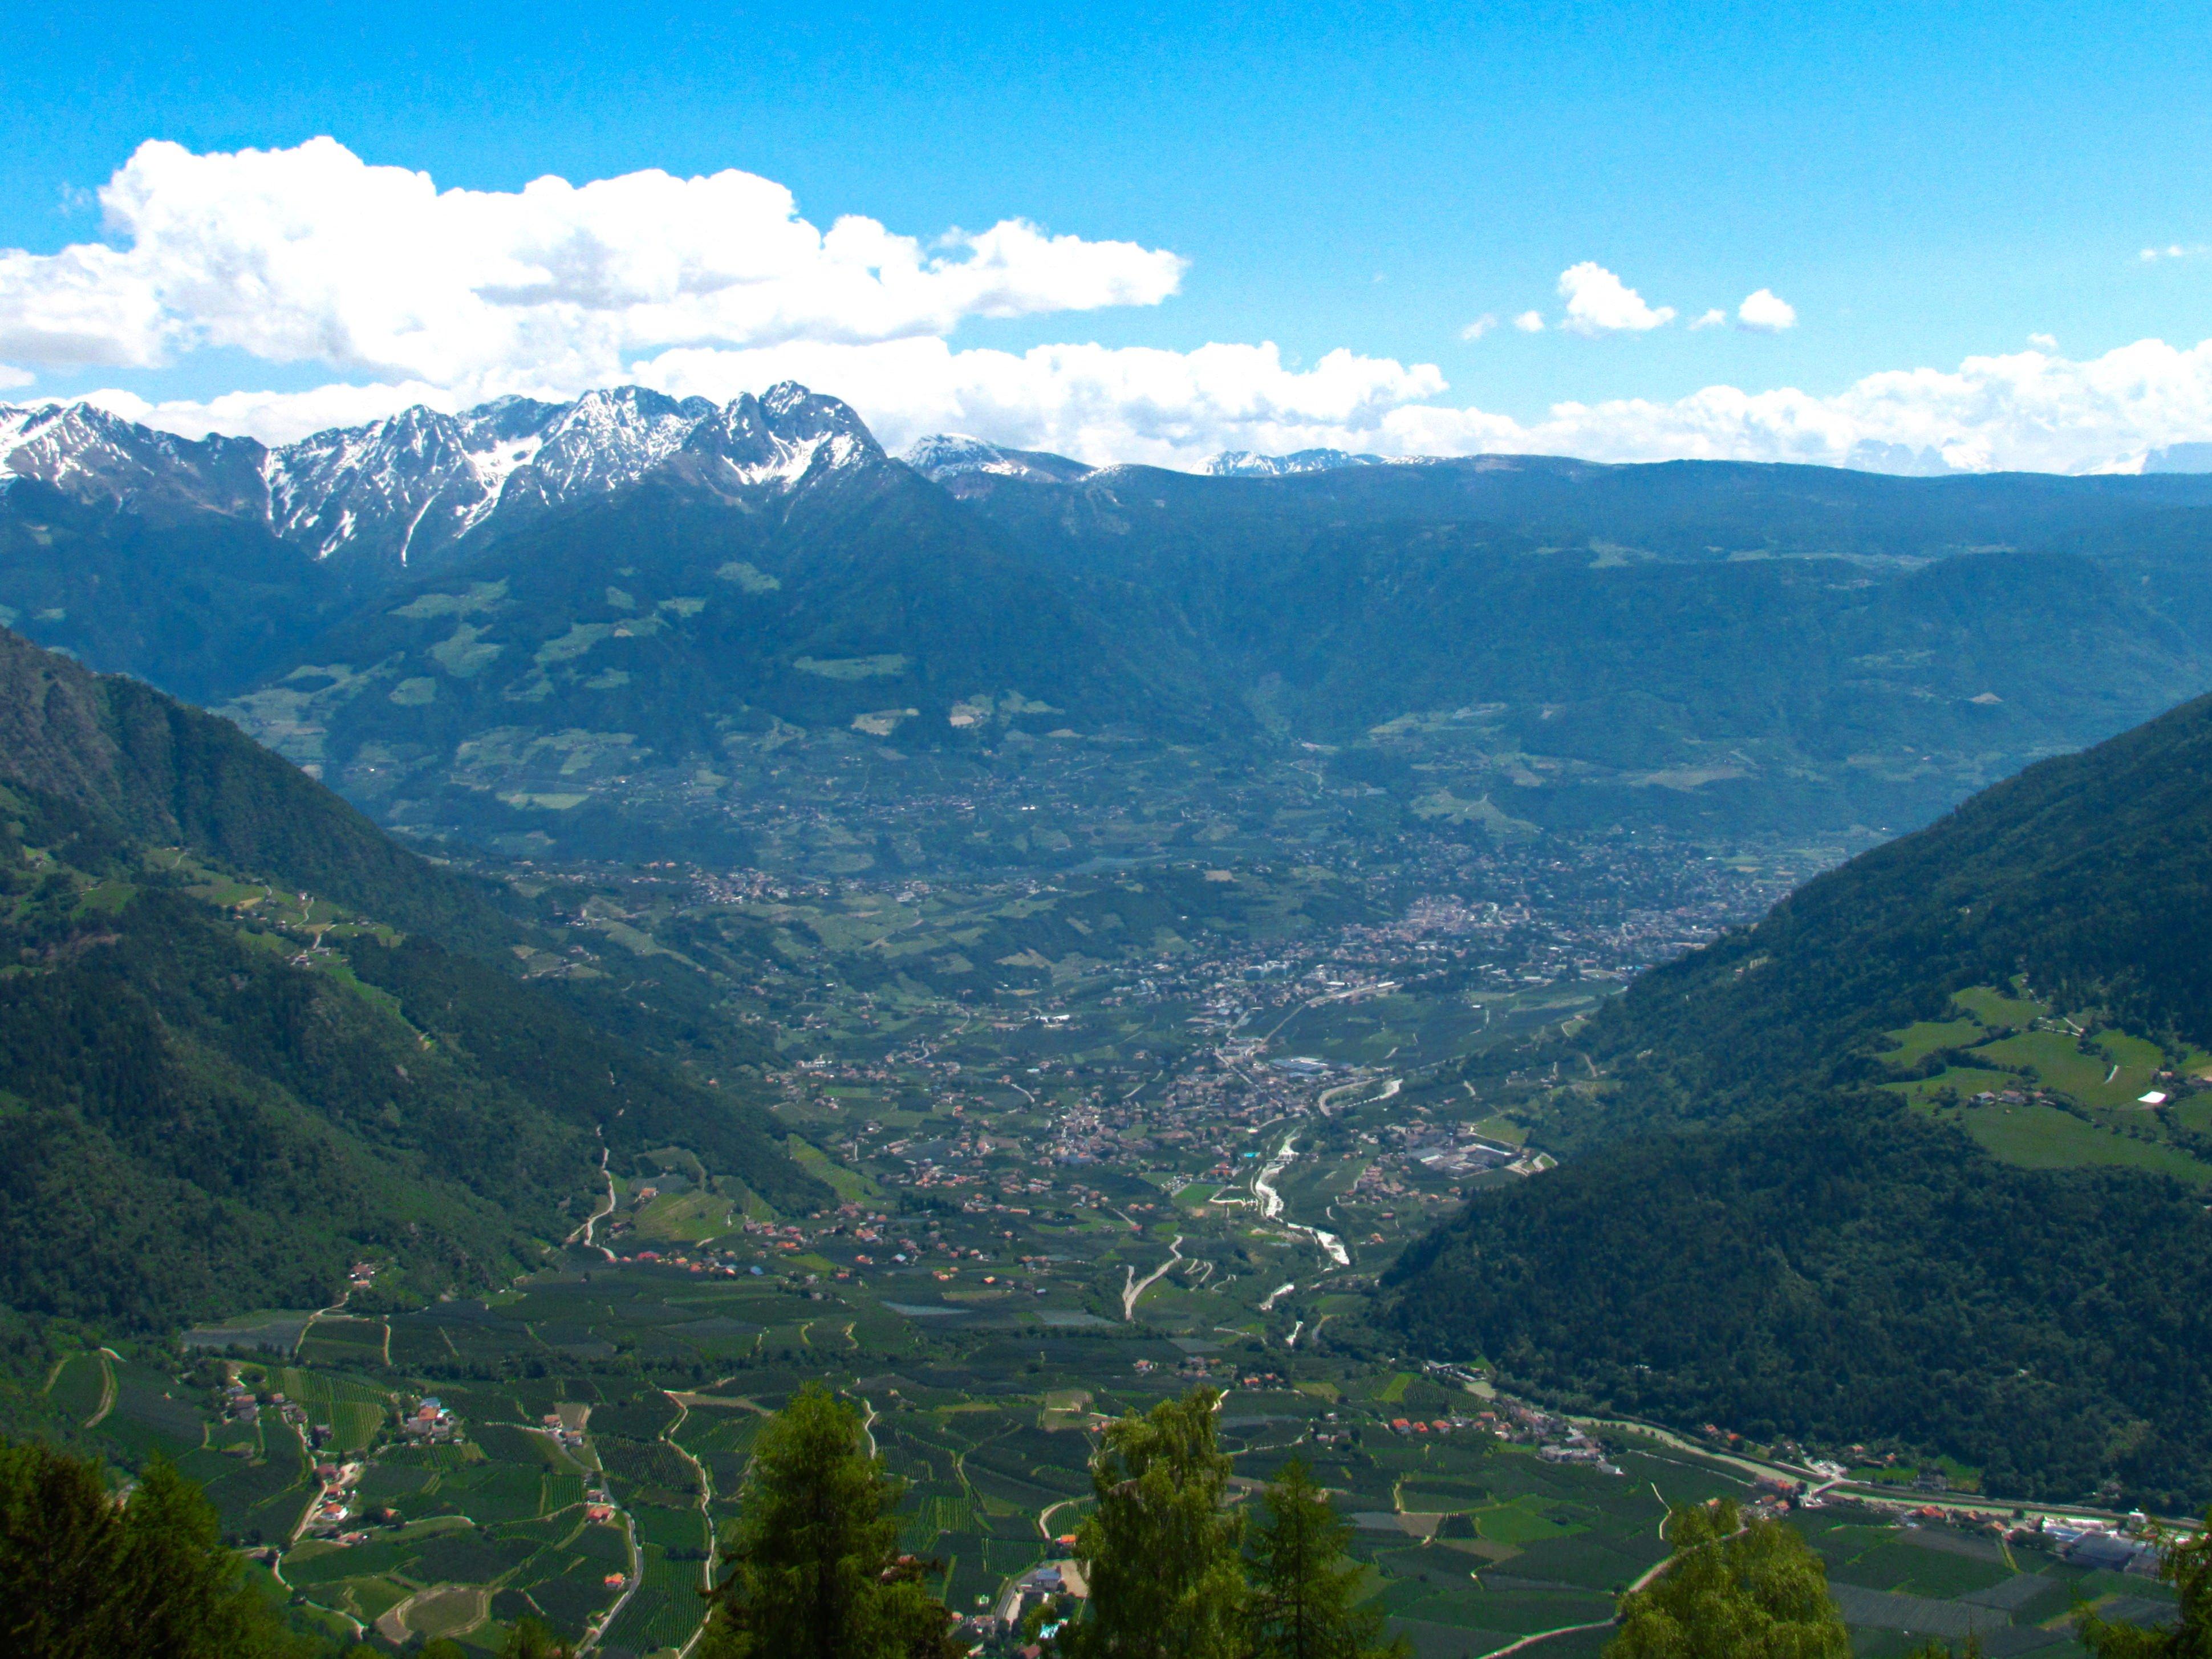 La vallata di Merano - Alto Adige